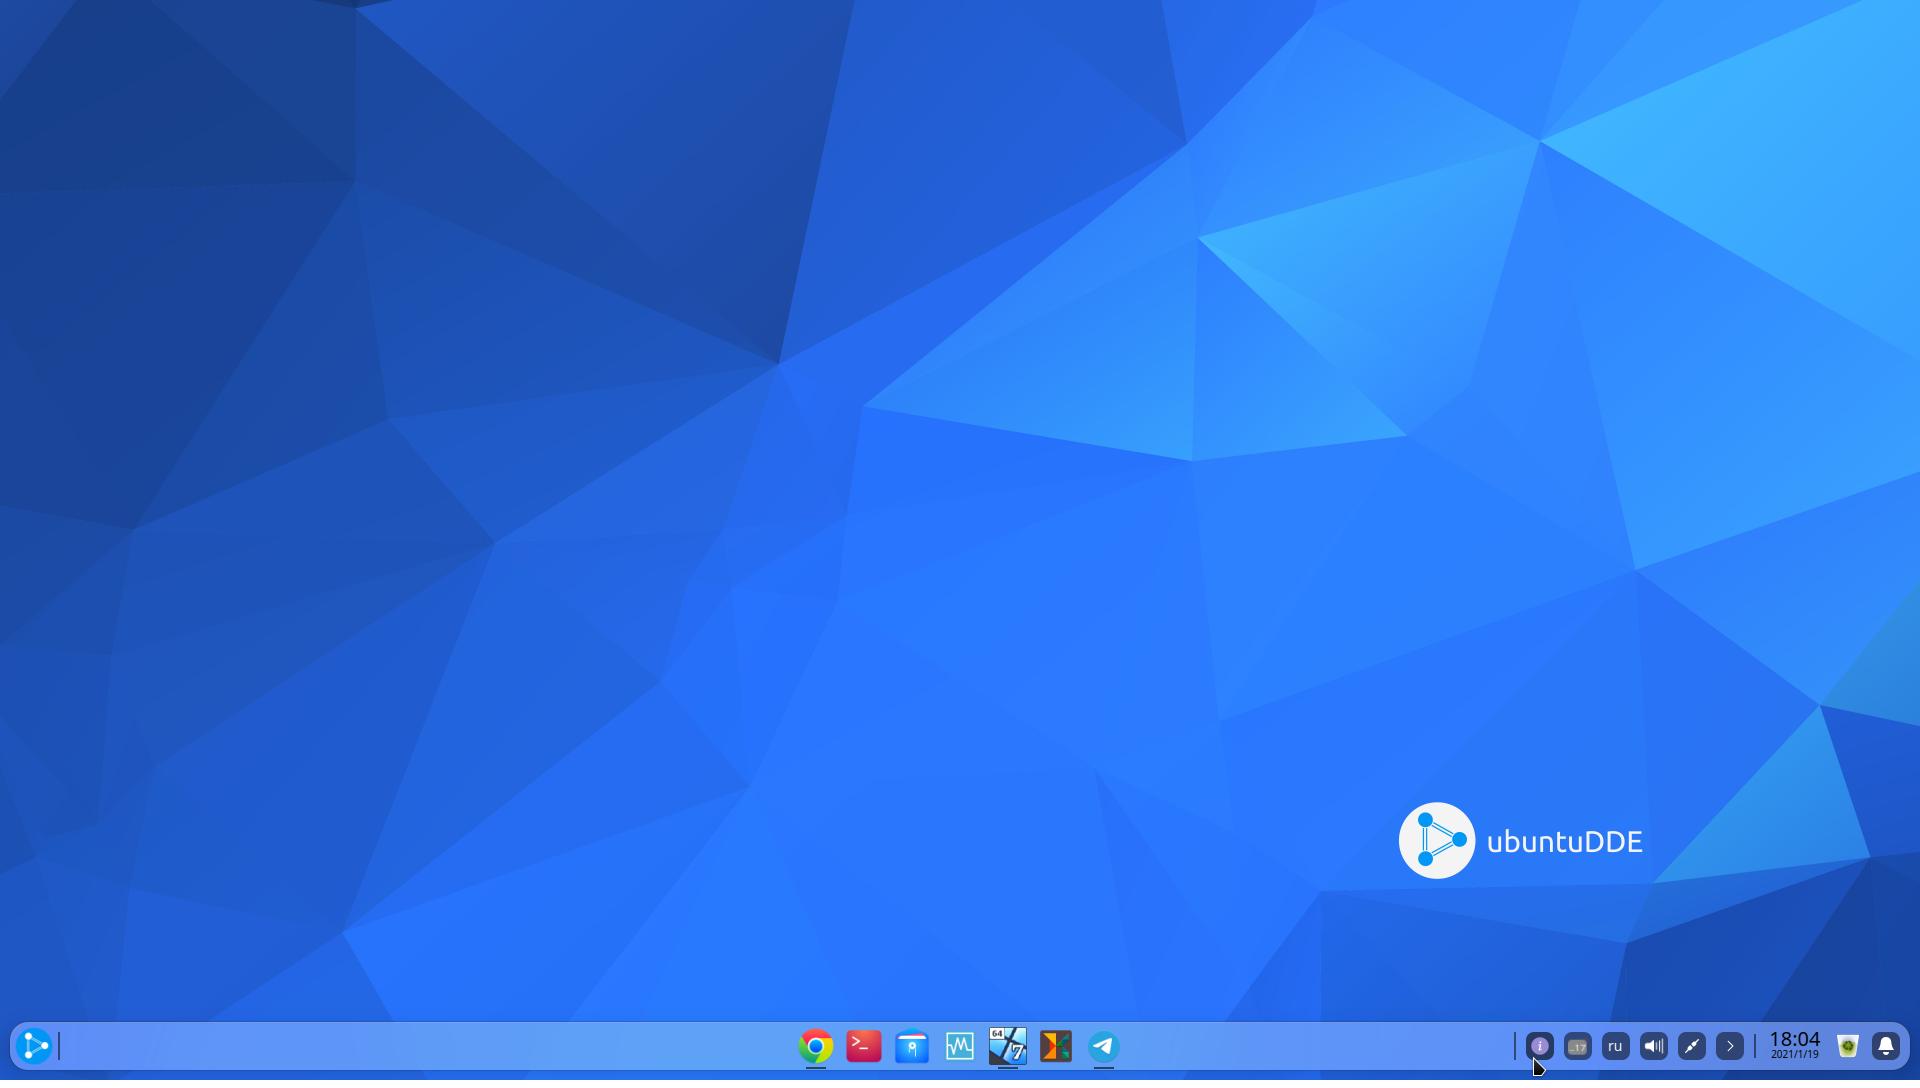 UbuntuDDE: замечательный гибрид - 5